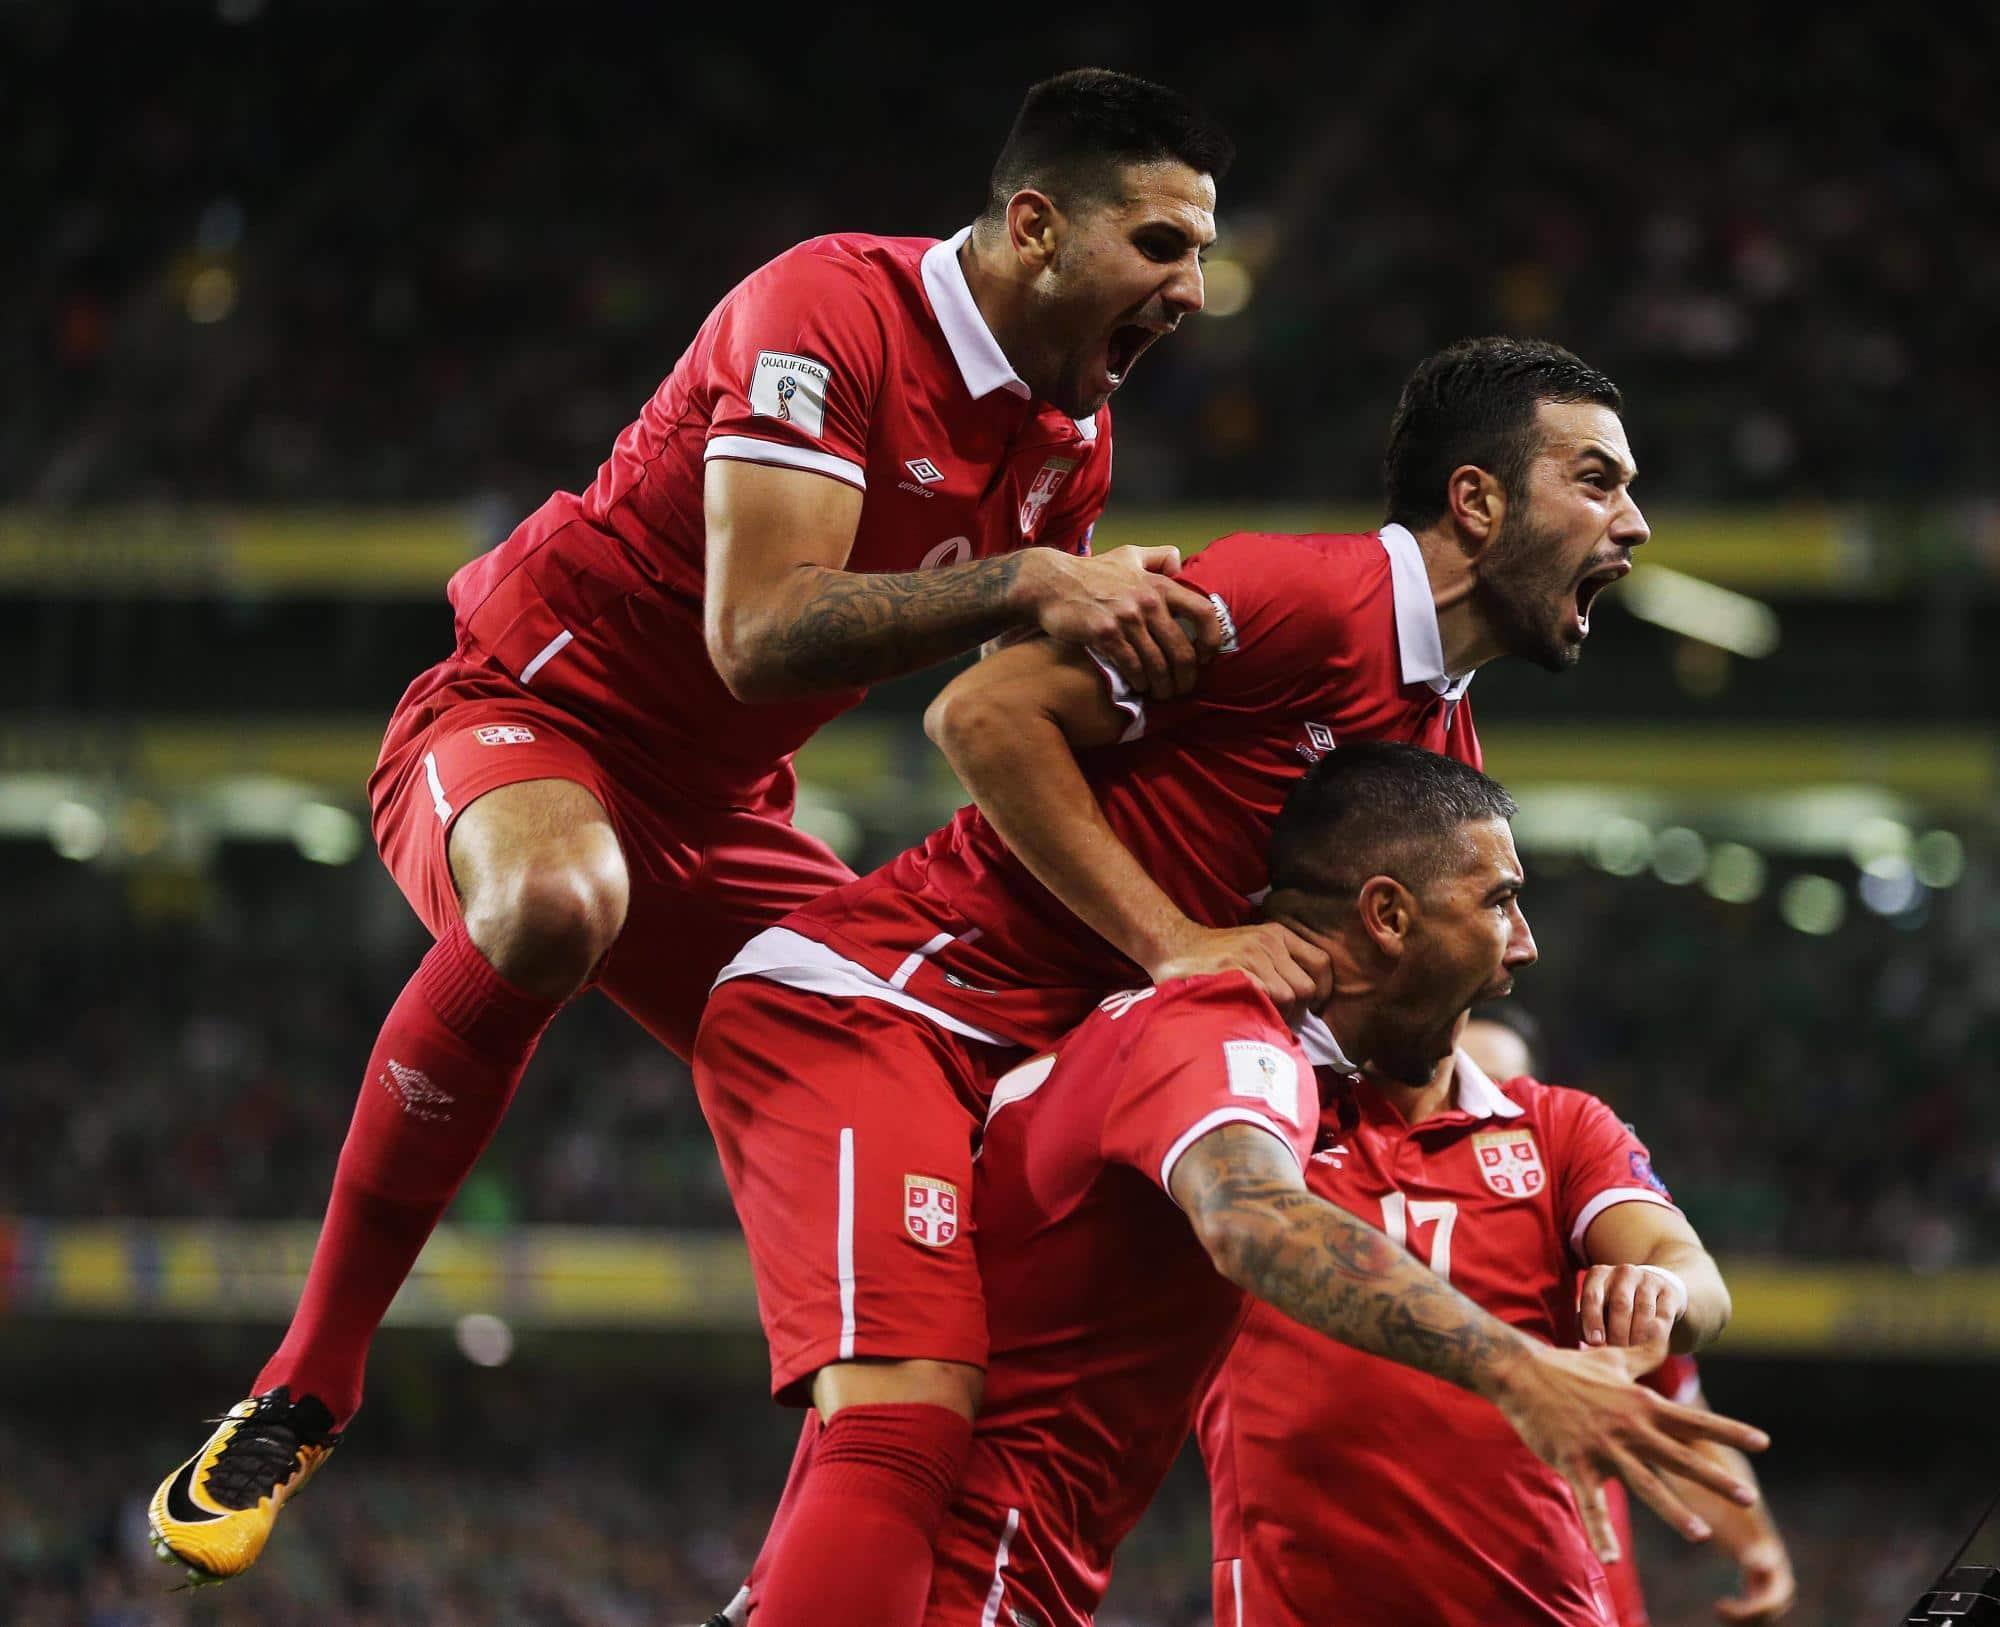 วิเคราะห์ฟุตบอล ฟุตบอล ยูฟ่า ยูโร 2020 รอบคัดเลือก | เซอร์เบีย vs โปรตุเกส 07/09/19